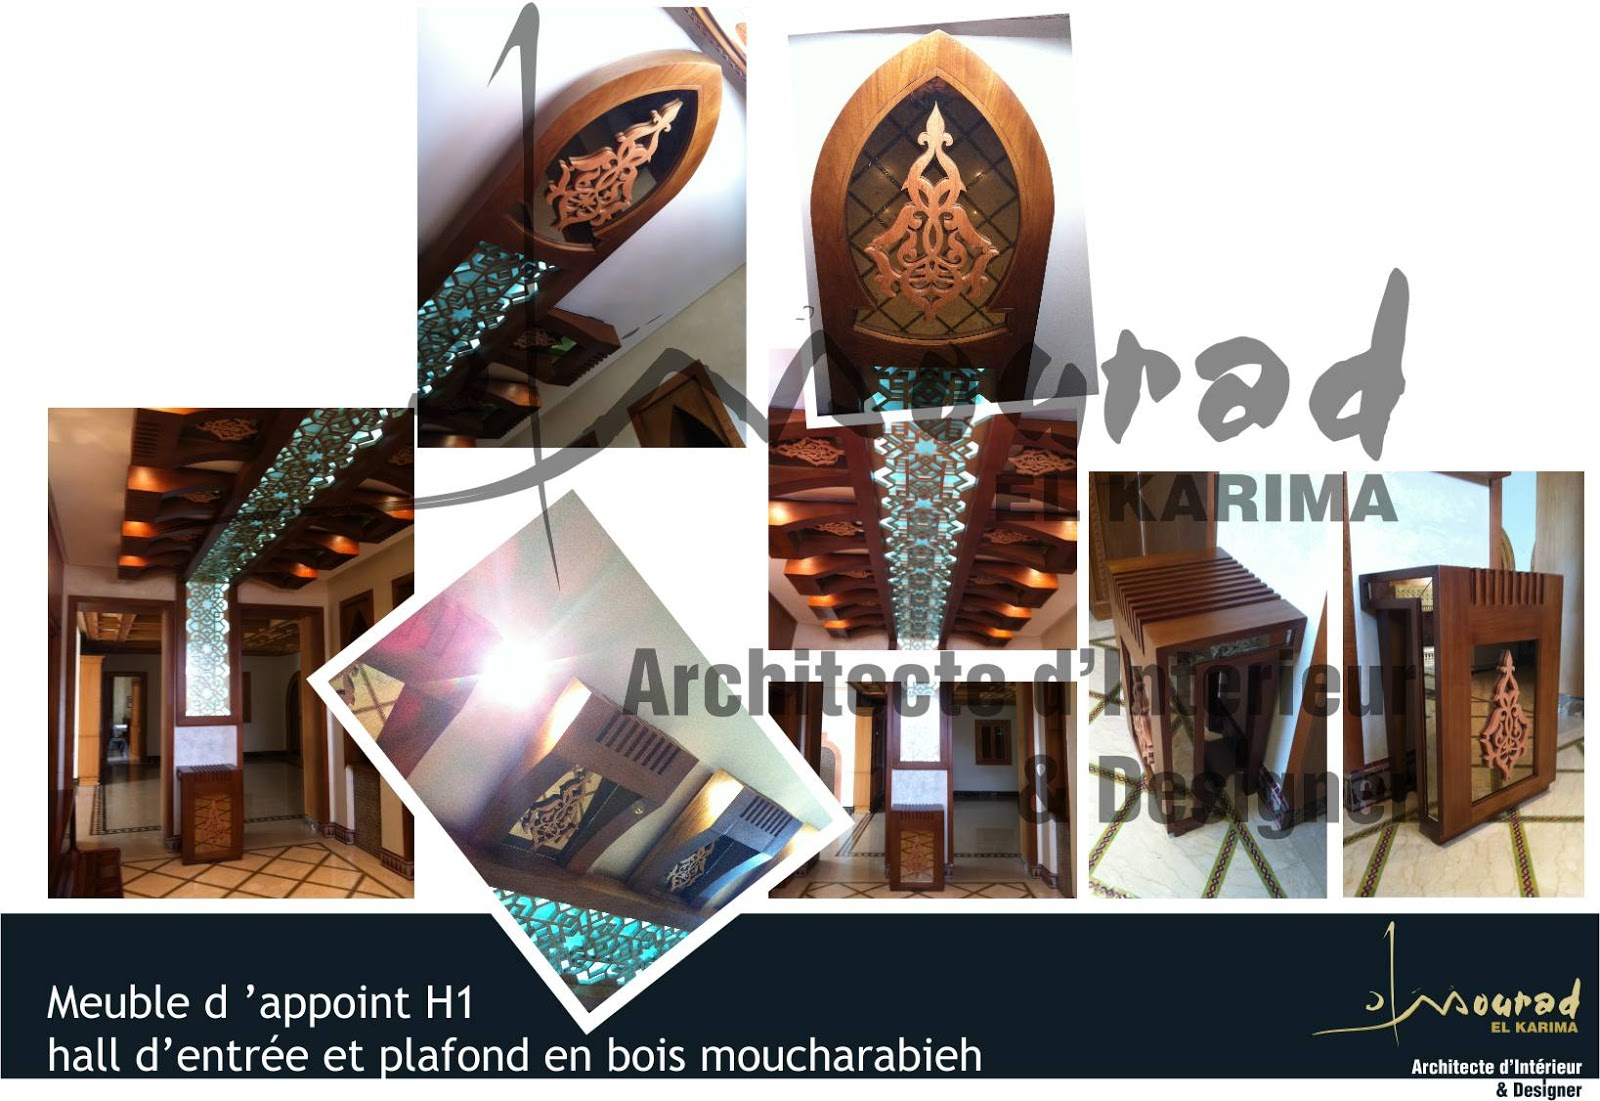 meuble h1 hall d entr e faux plafond rabat mourad el karima architecte d 39 interieur designer. Black Bedroom Furniture Sets. Home Design Ideas